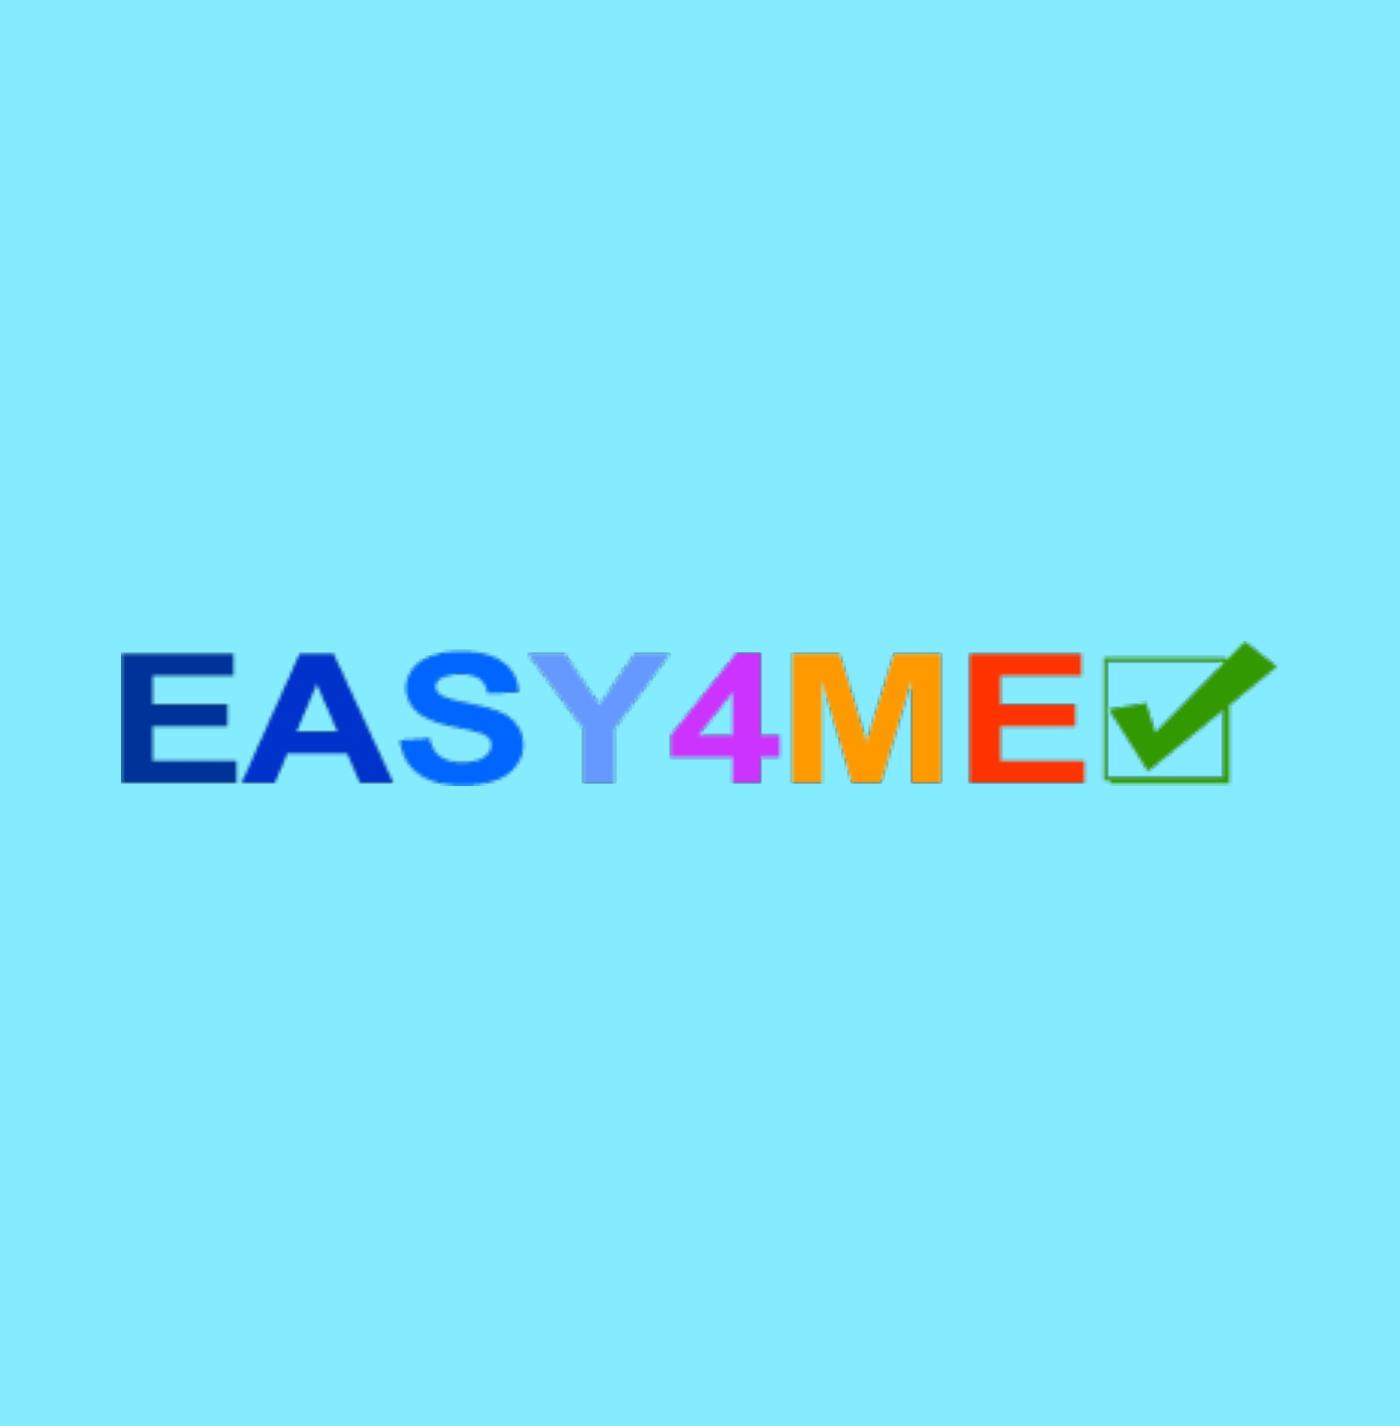 Logo easy4me